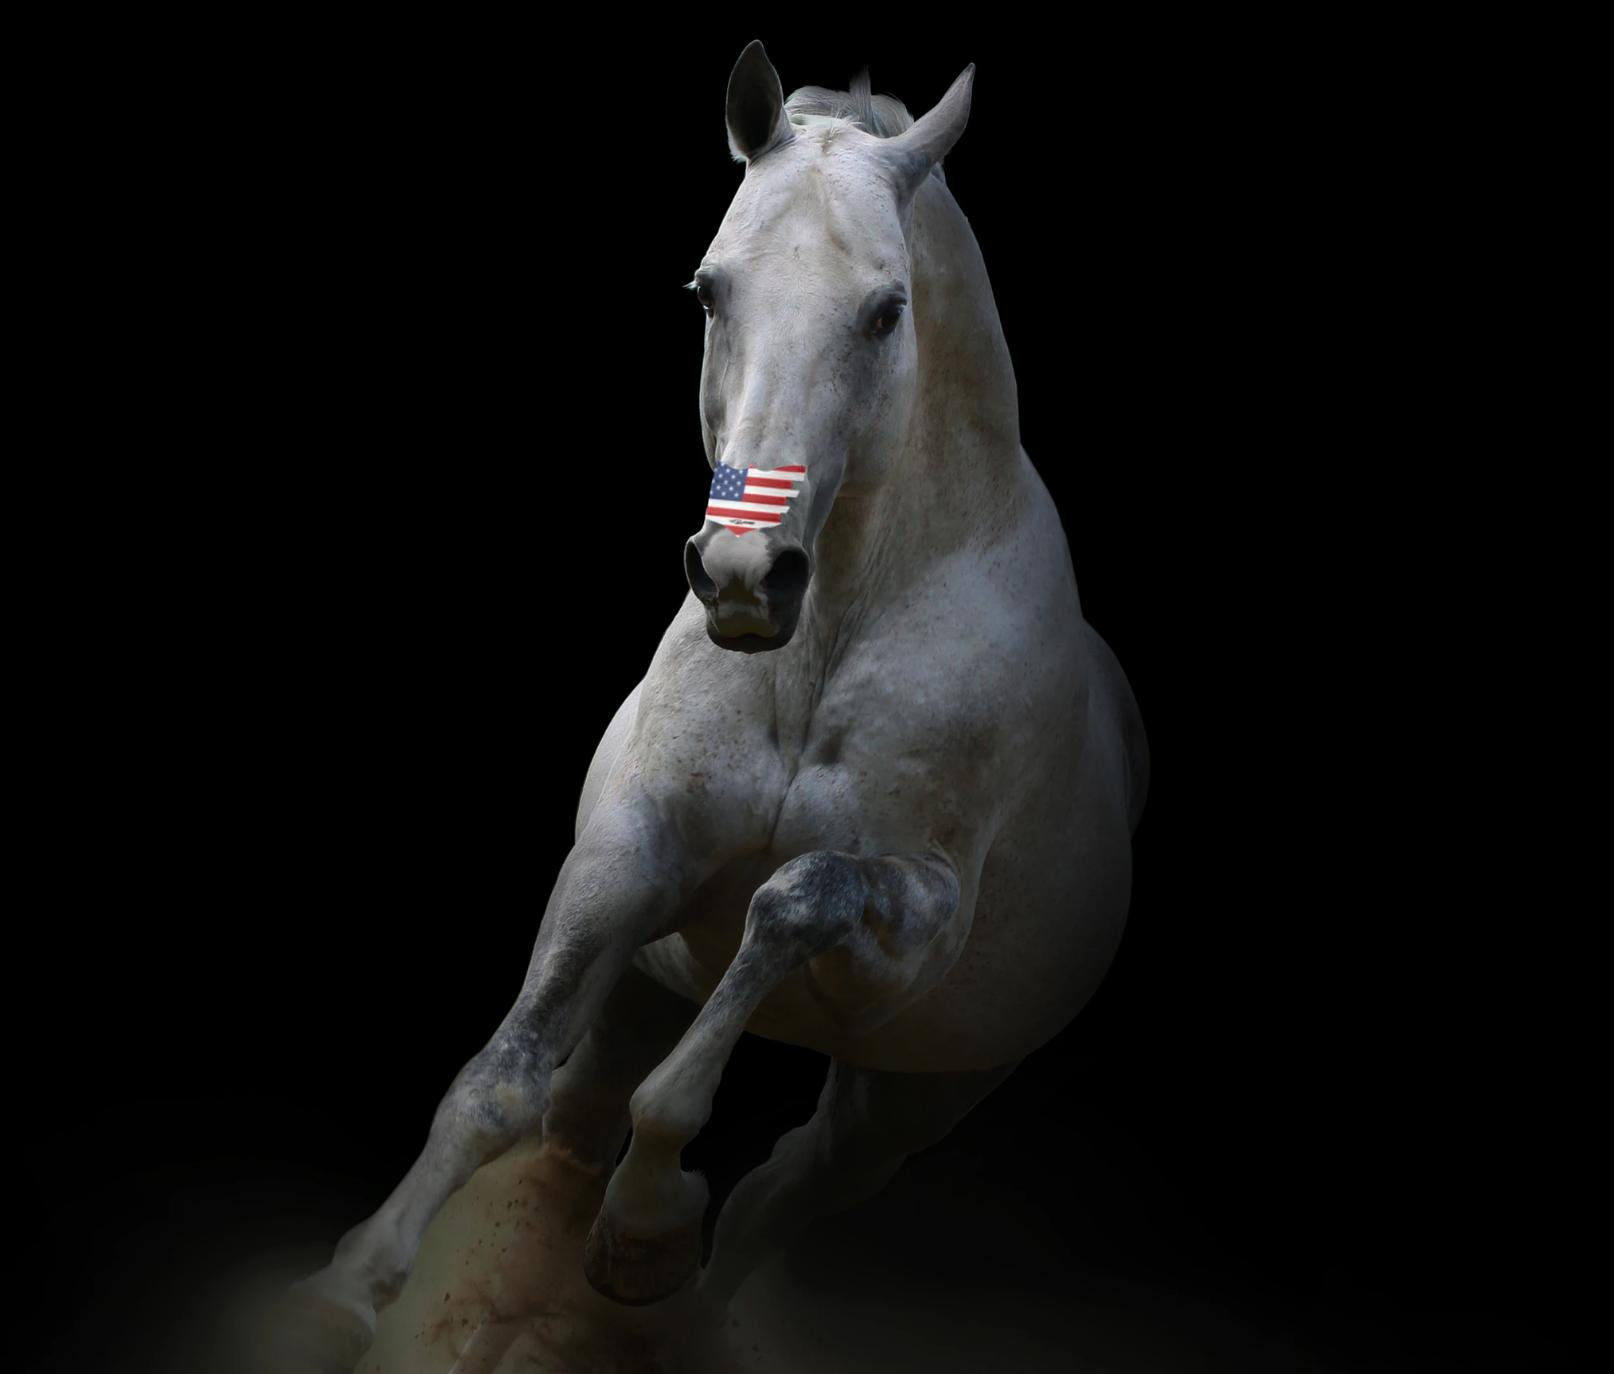 Mostre-nos as suas fotos patrióticas do cavalo para ganhar 2 pacotes de tiras de bandeira americana EUA! 1